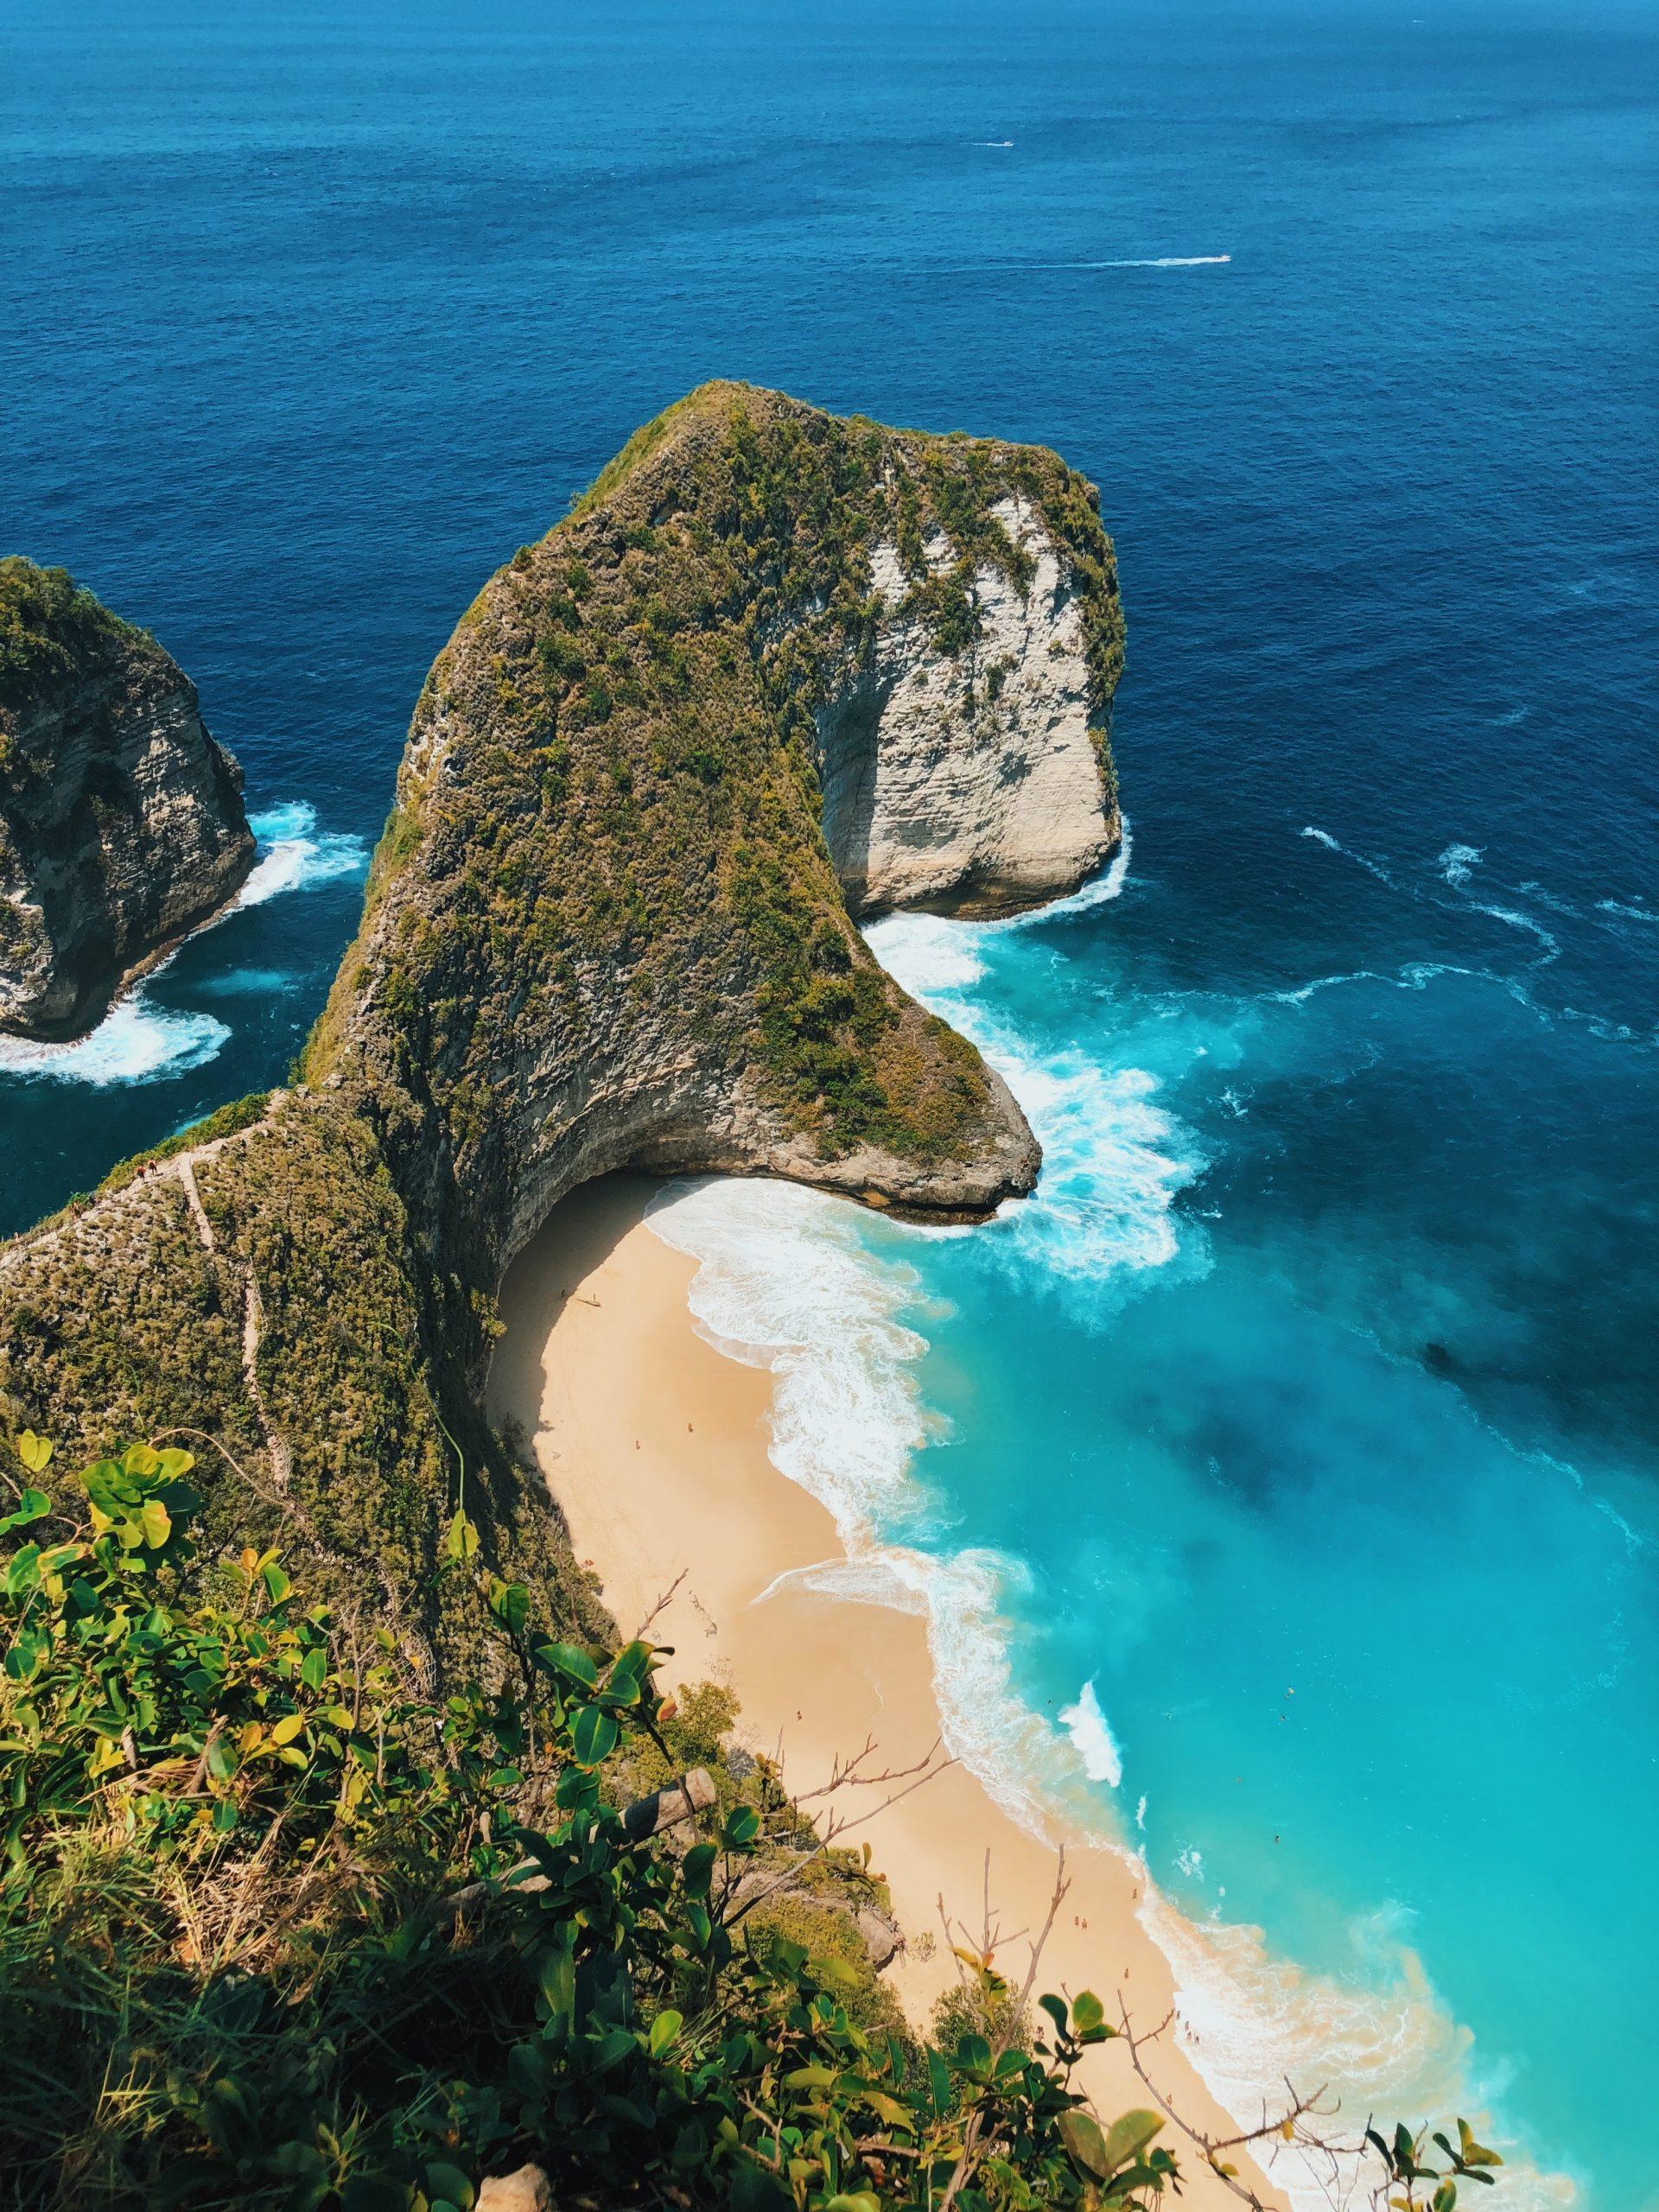 Bali playas nadar snorkel